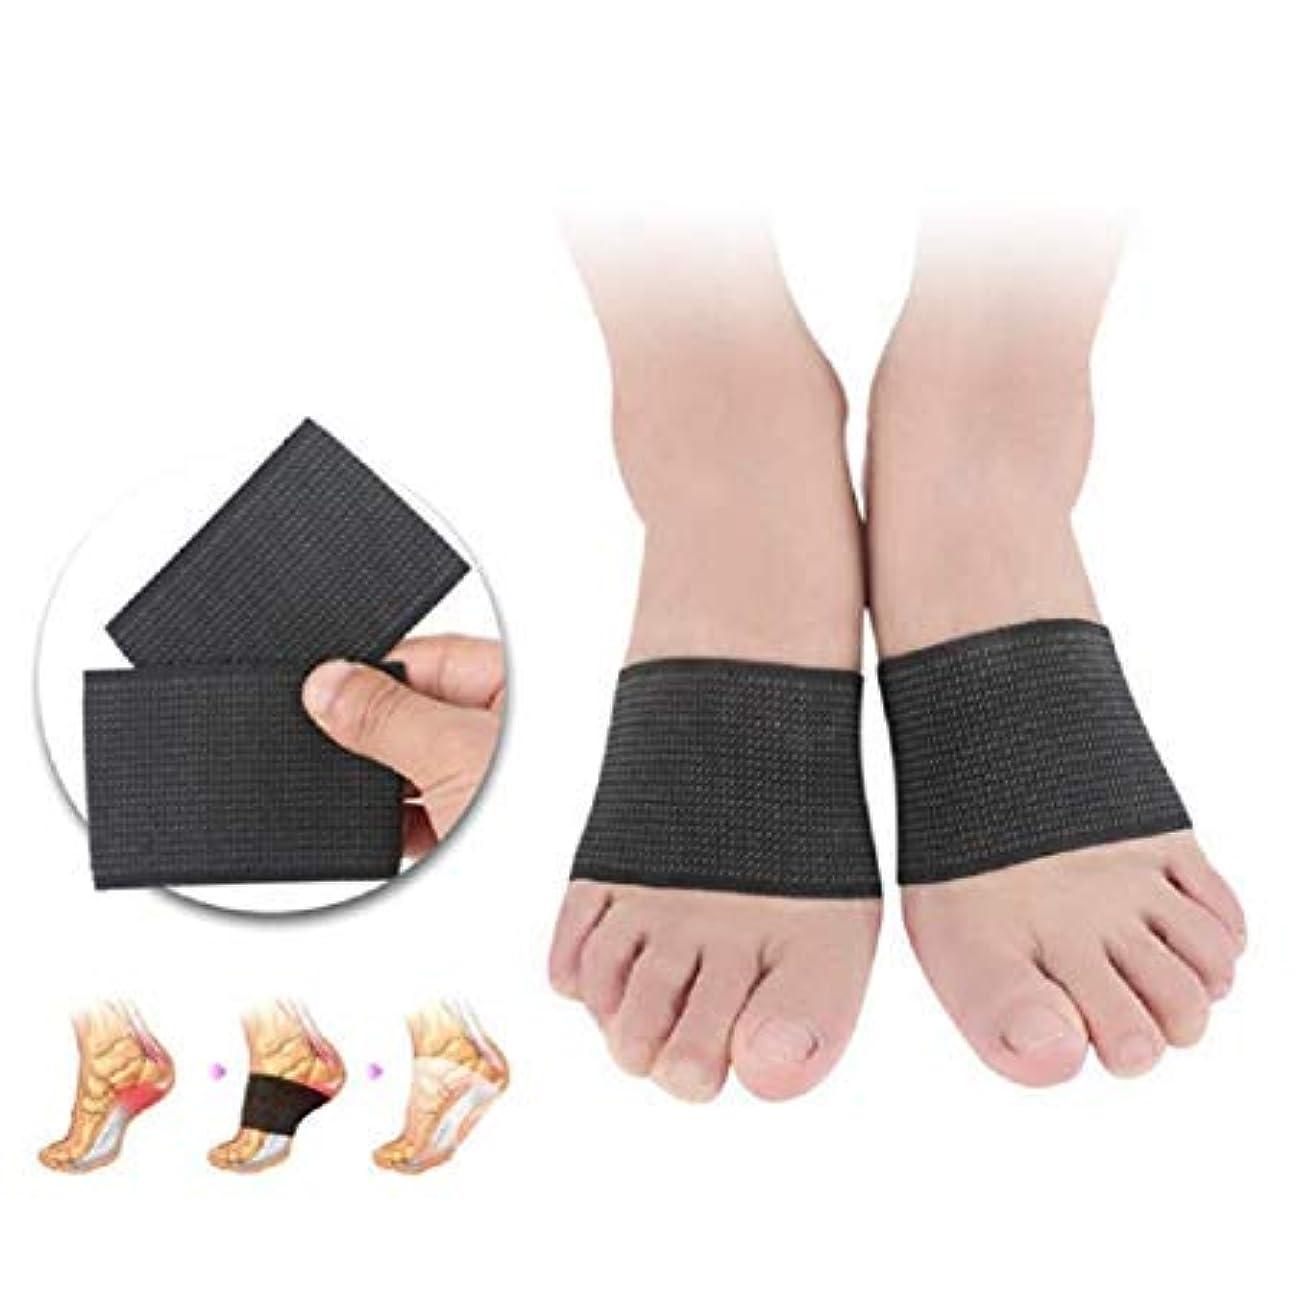 払い戻し労働者紀元前1足/足のケアツール、足の筋膜炎のサポート足のケア、足の痛み、フラットボウサポート、足底筋膜炎のサポート、マッサージ整形外科用インソール